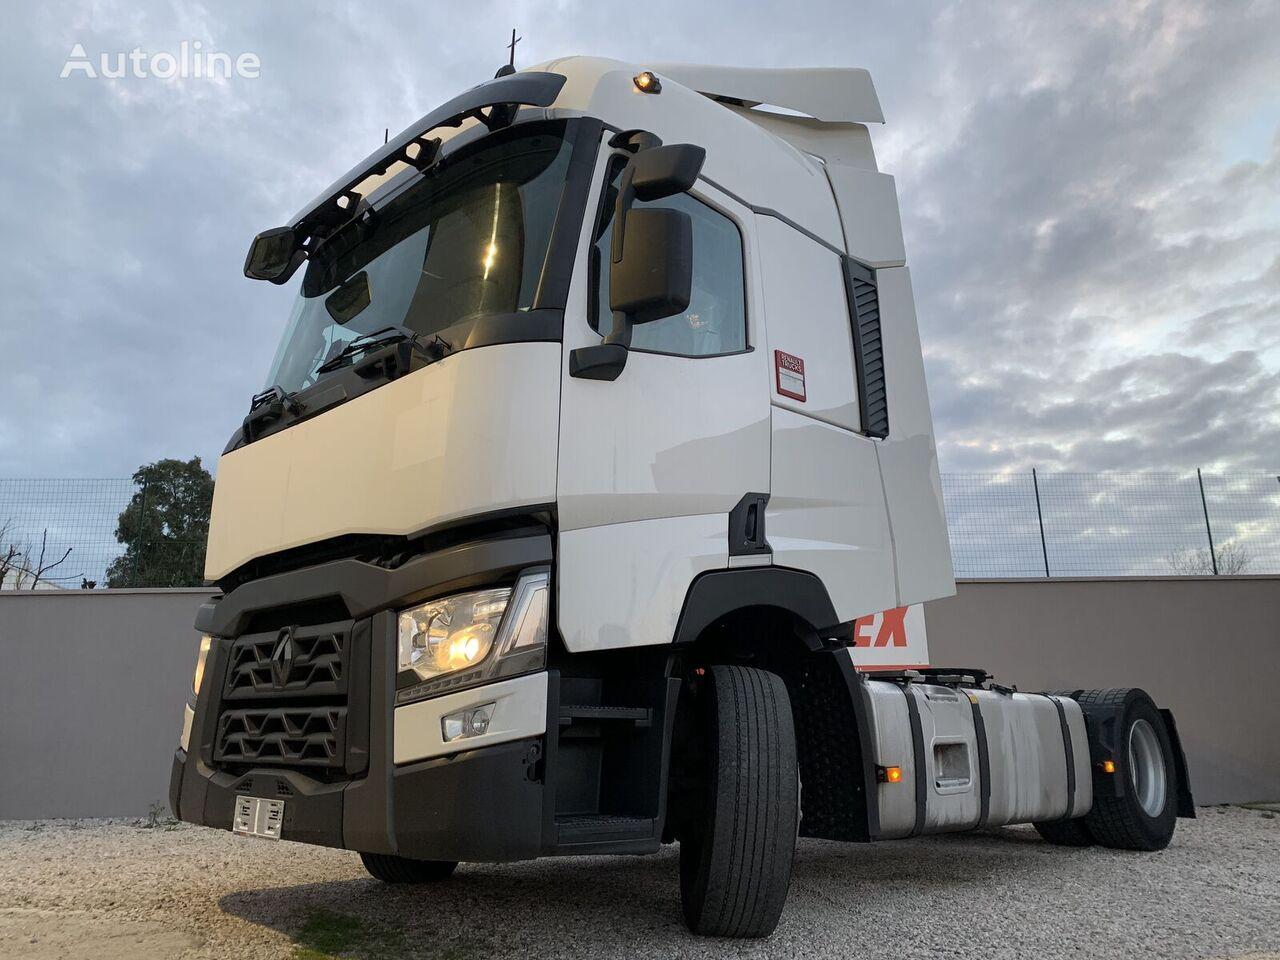 RENAULT 2017 -T 440 Comfort - Km 480.000 motore Volvo 12777 cc, 450 CV Sattelzugmaschine